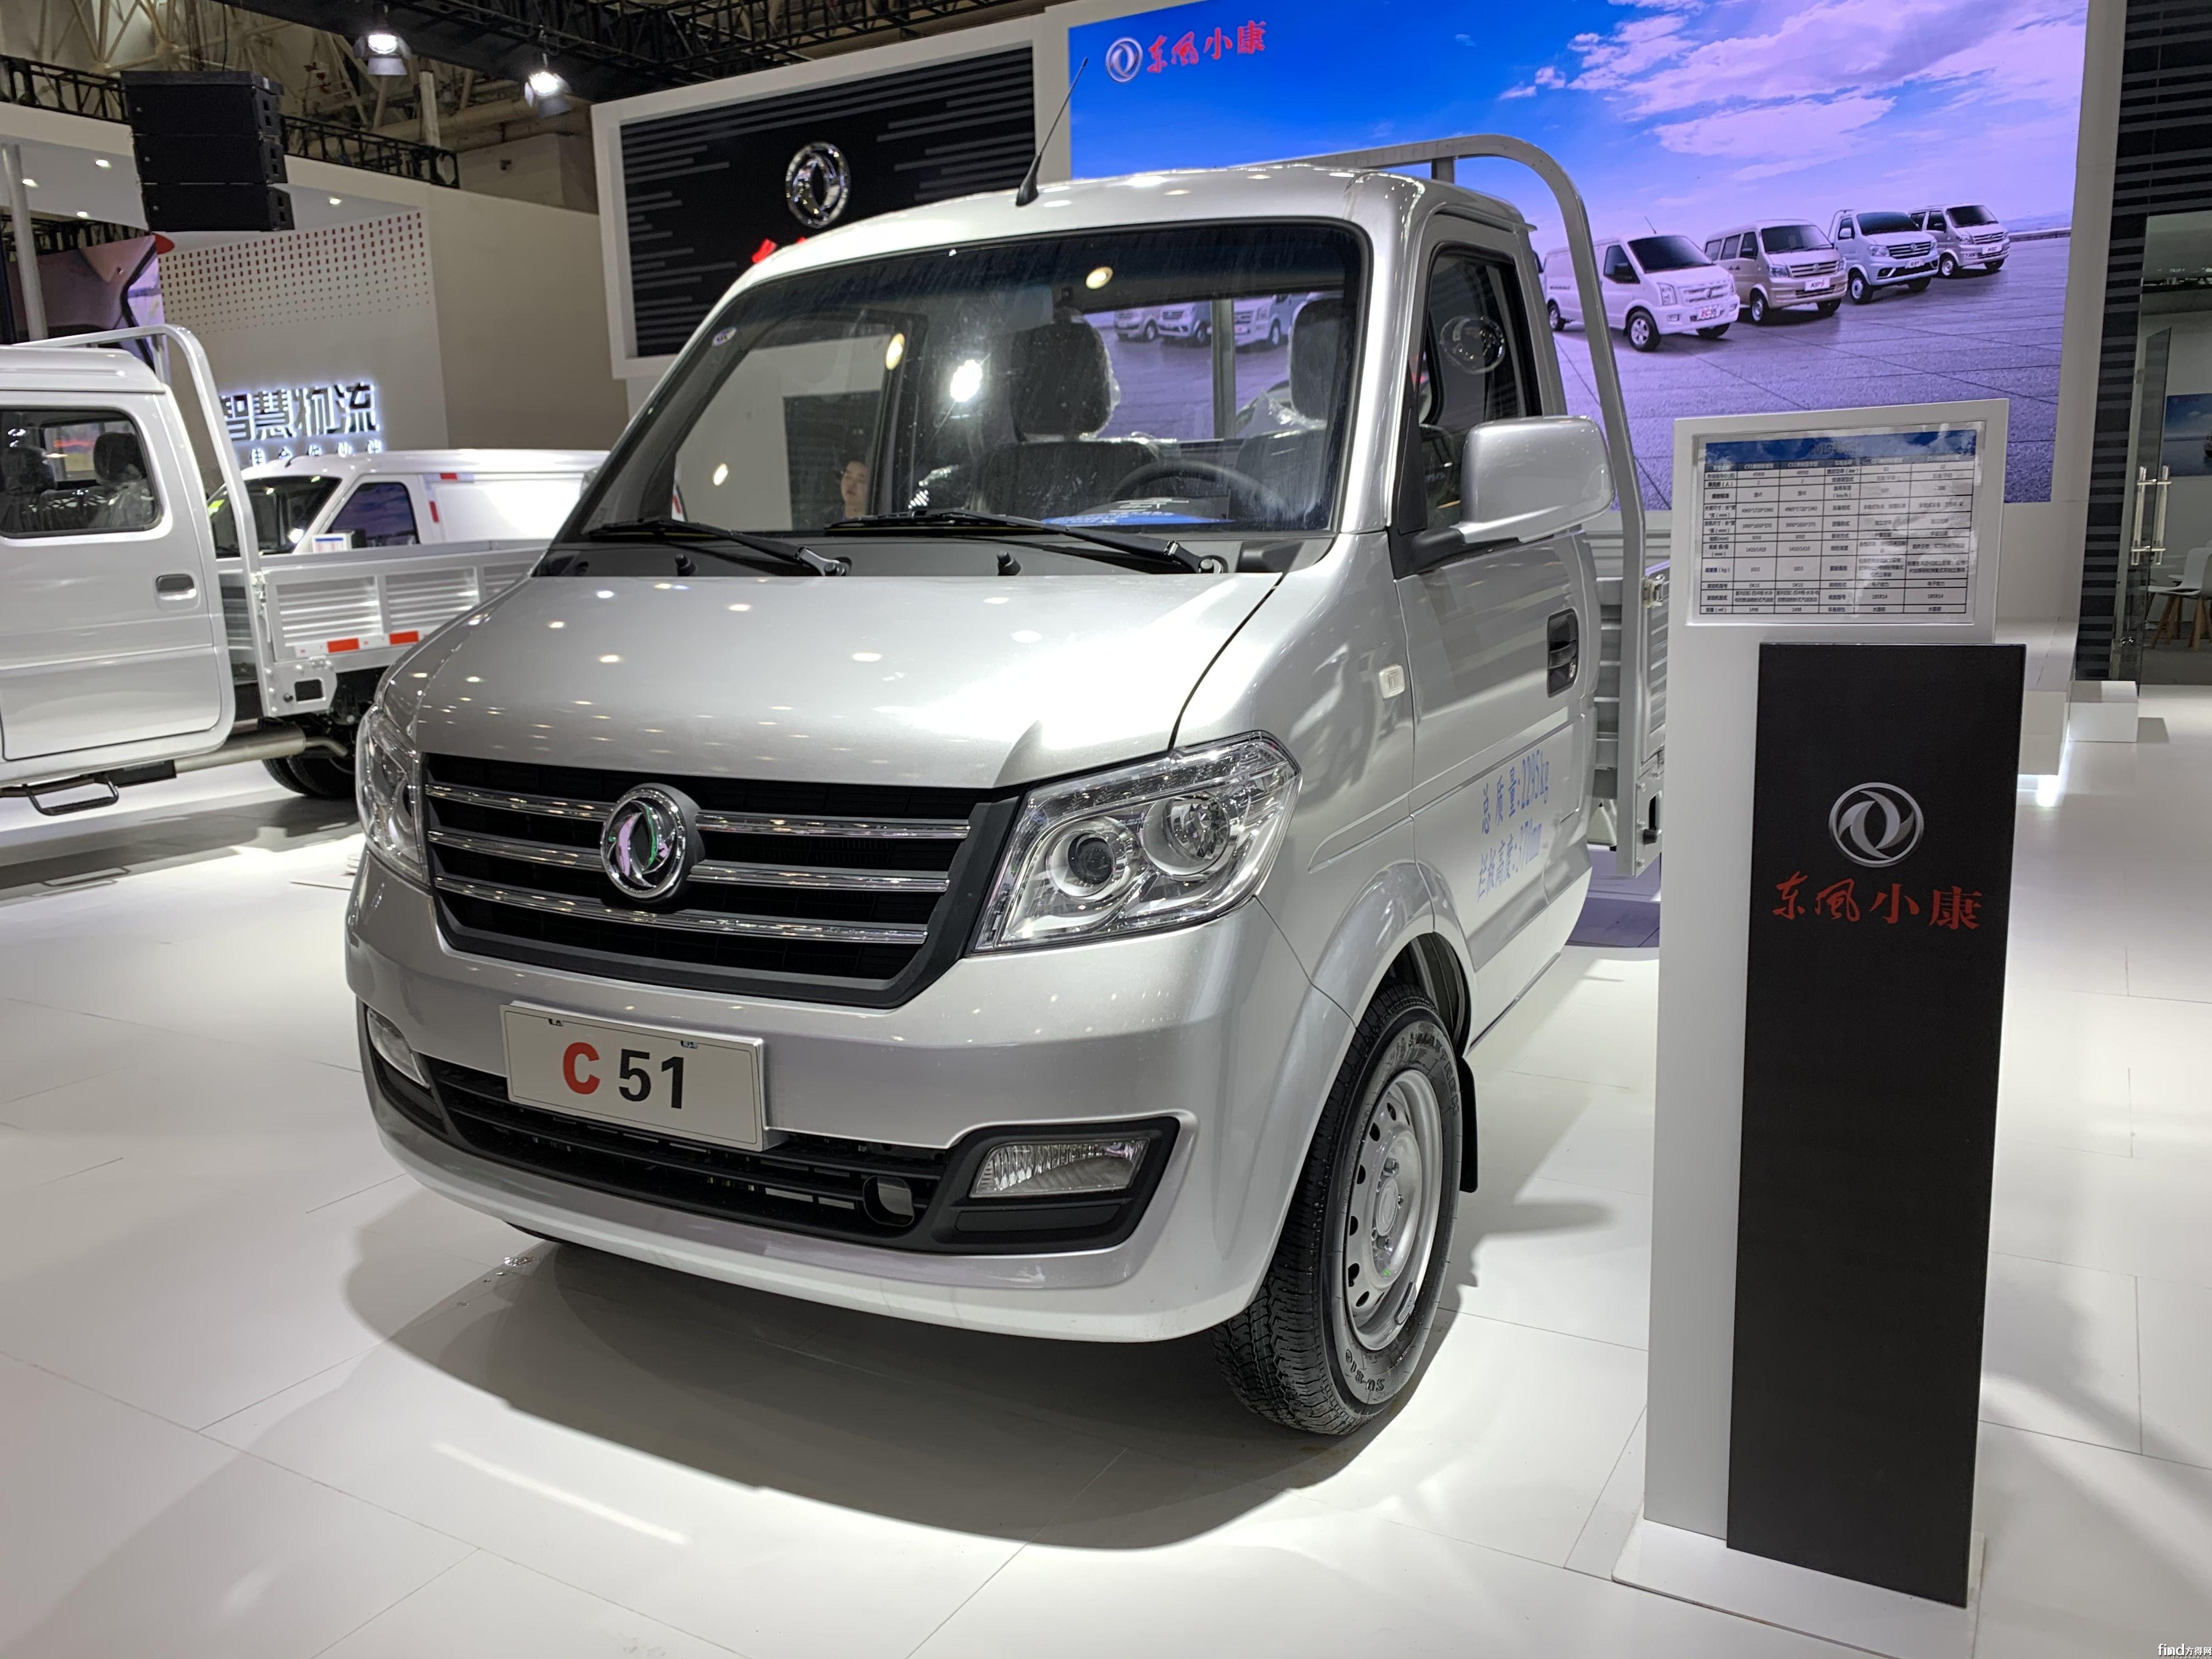 东风小康C51 (2)